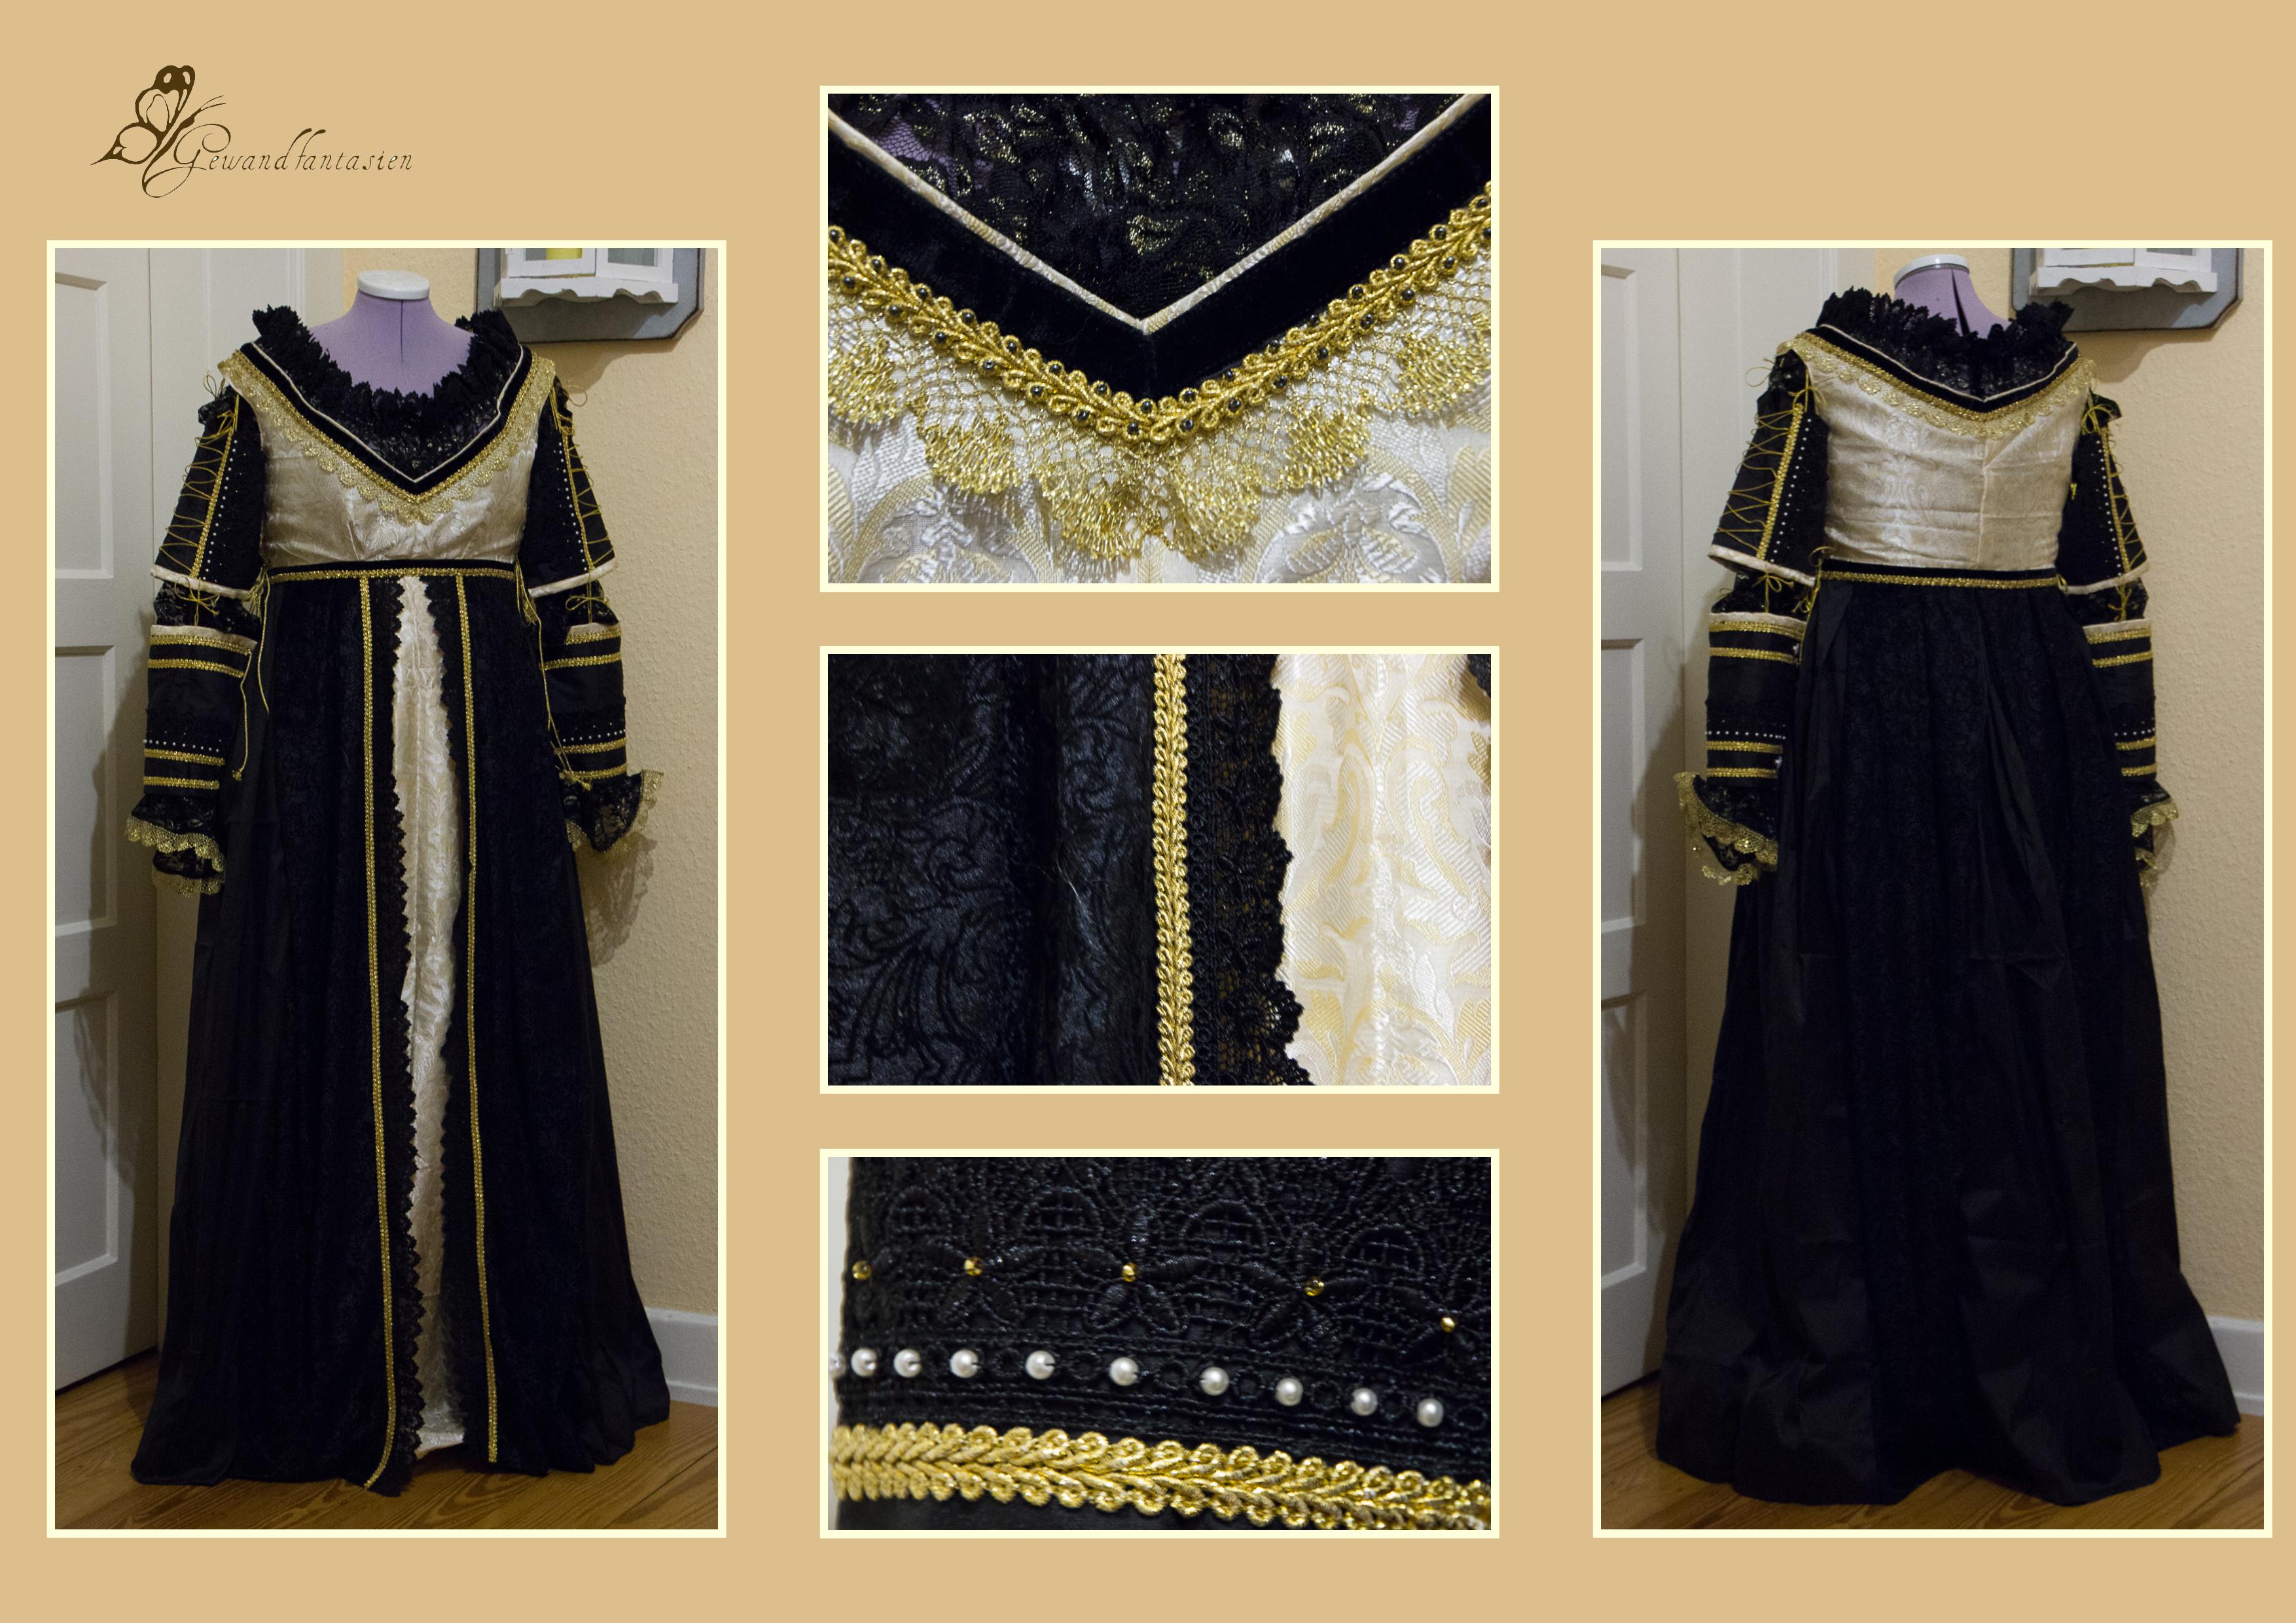 Kleid der italienischen Renaissance in schwarz und gold